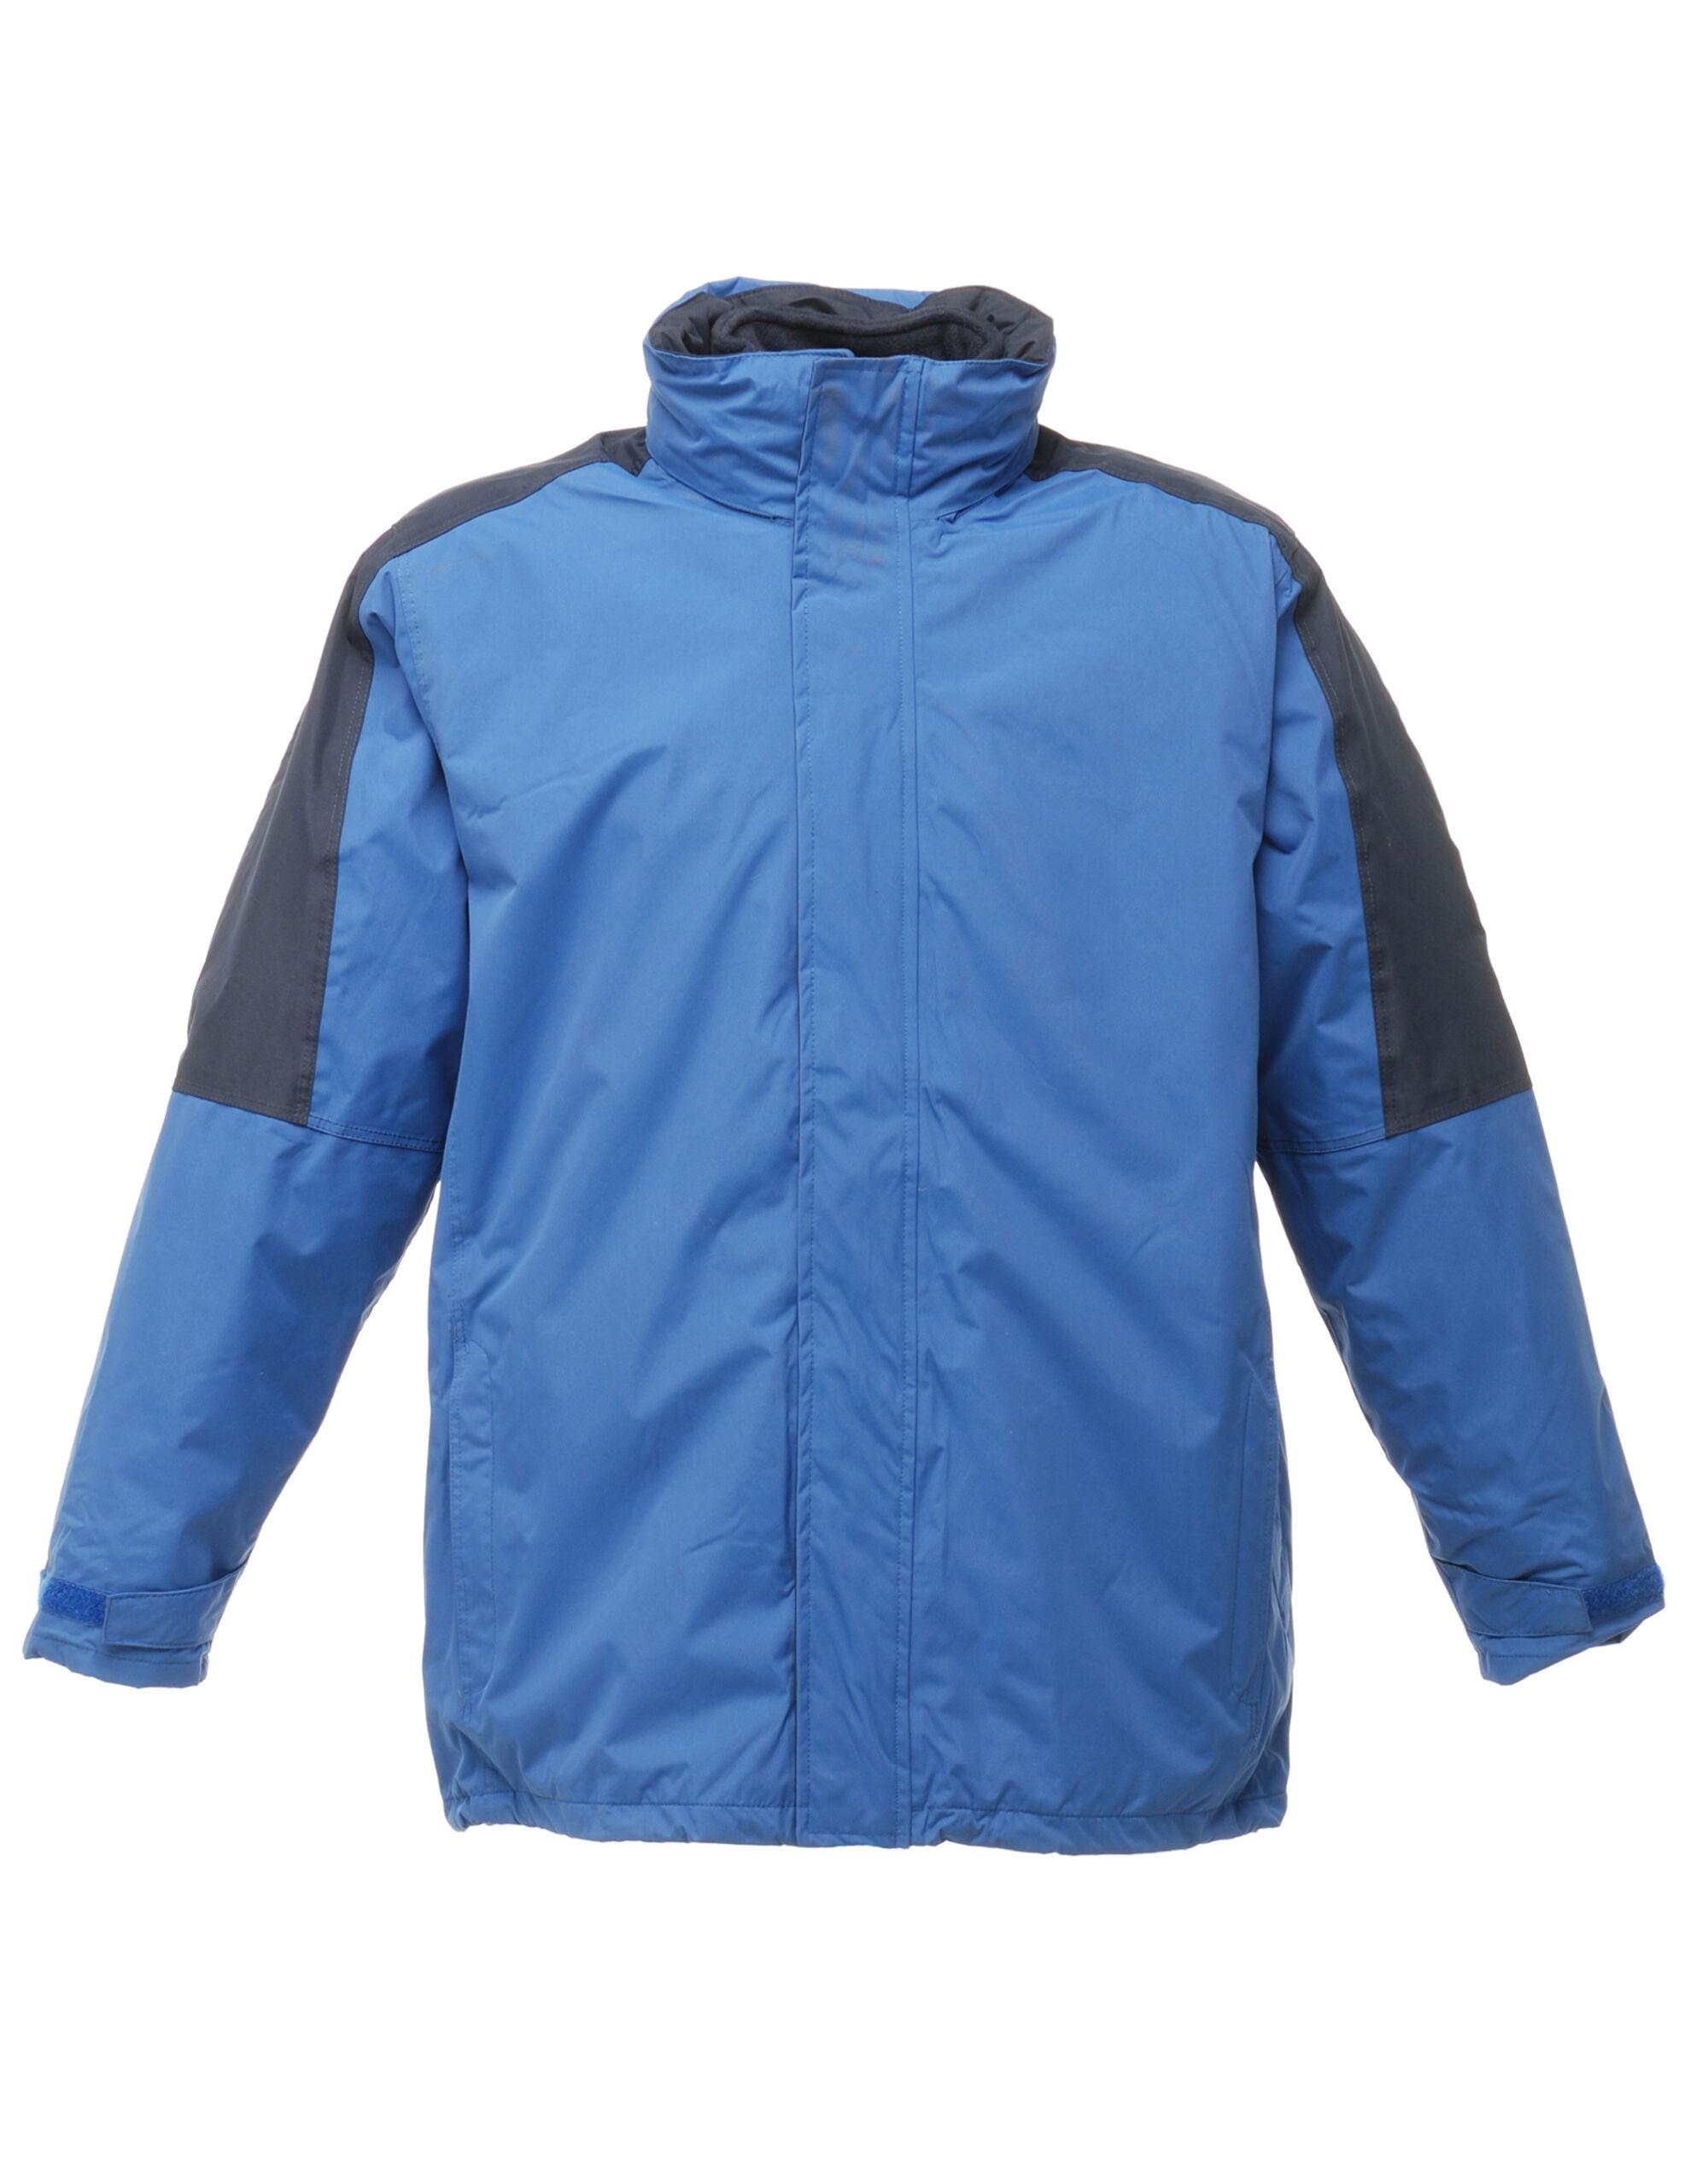 Defender III 3-in-1 Jacket